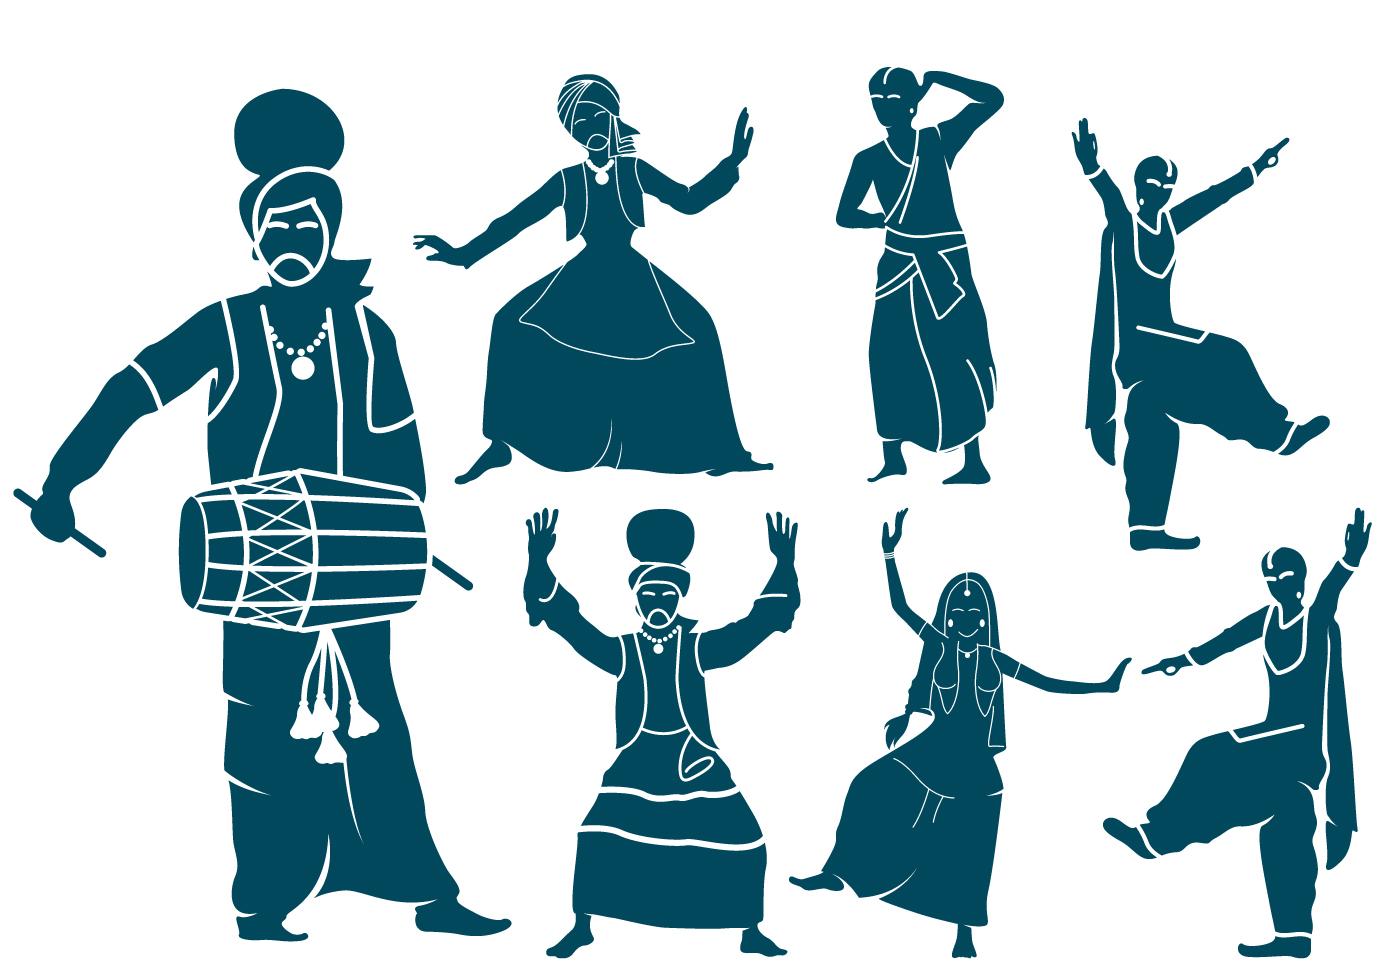 punjabi dancers silhouettes download free vector art